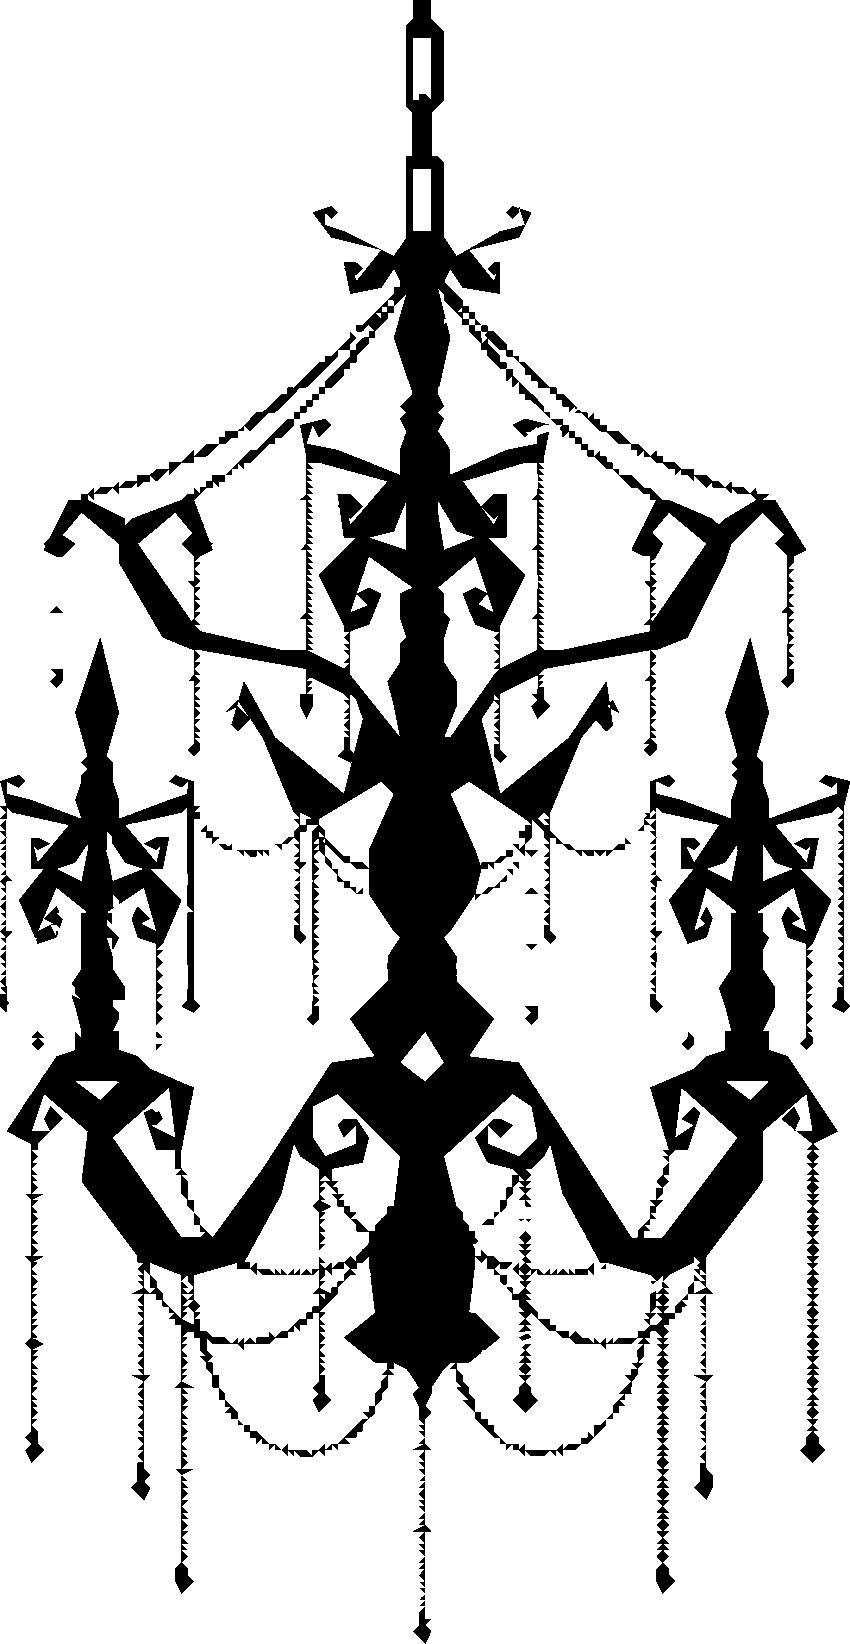 寄せ書きデザイン イラスト素材シャンデリア 黒